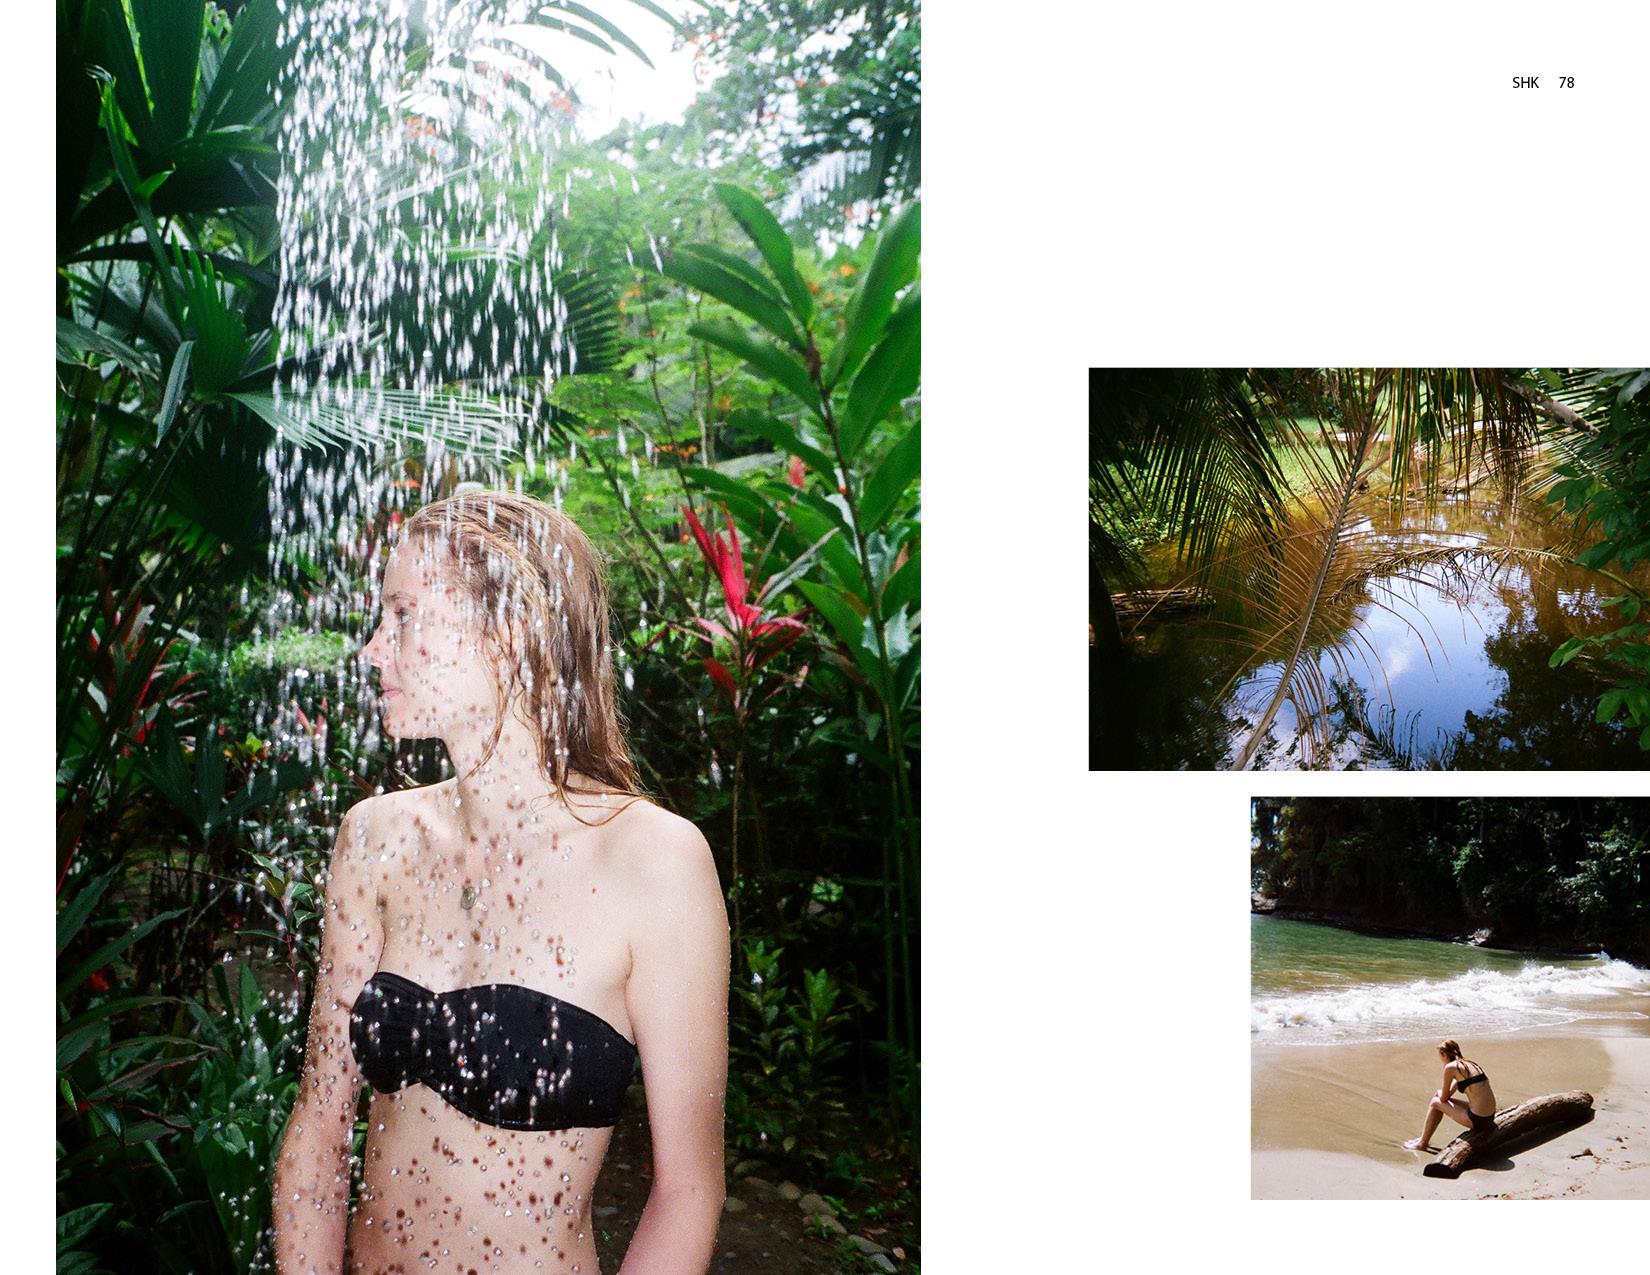 SHK-Summer-Issue-Summer-Needs-No-Explaination-201378.jpg